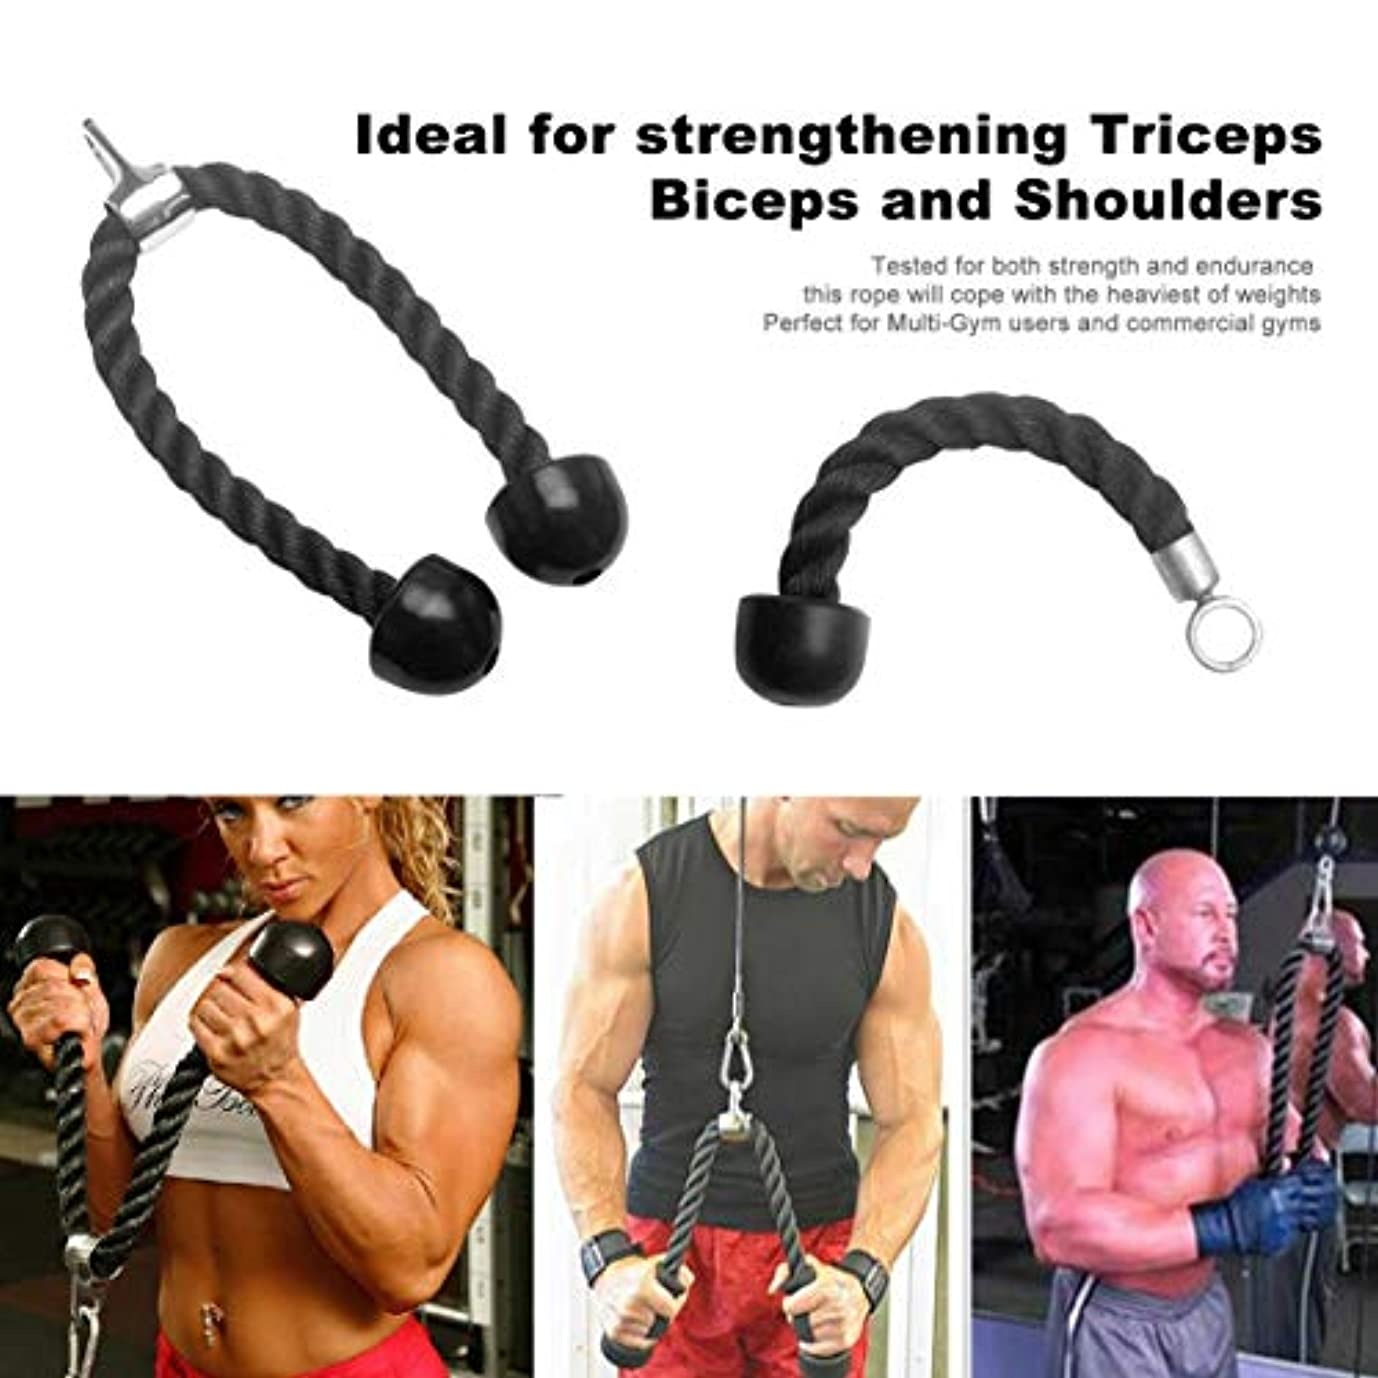 上腕三頭筋ロープアタッチメントケーブルボディビルディングプラスチックナイロンジム上腕二頭筋肩フィットネストレーニングケーブル